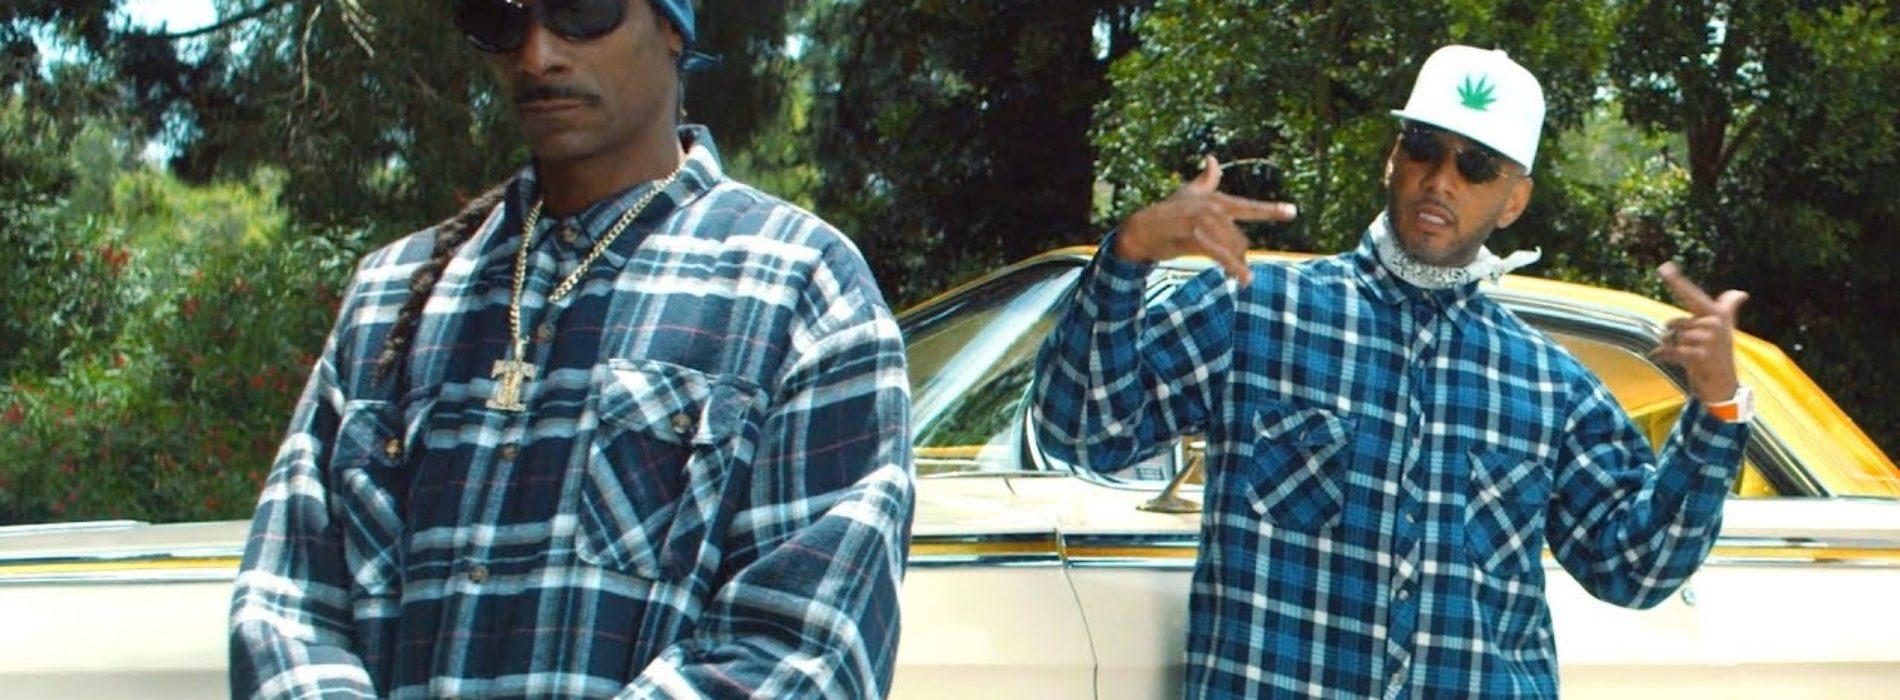 Snoop Dogg – Countdown (feat. Swizz Beatz) (Official Video) – Juillet 2019